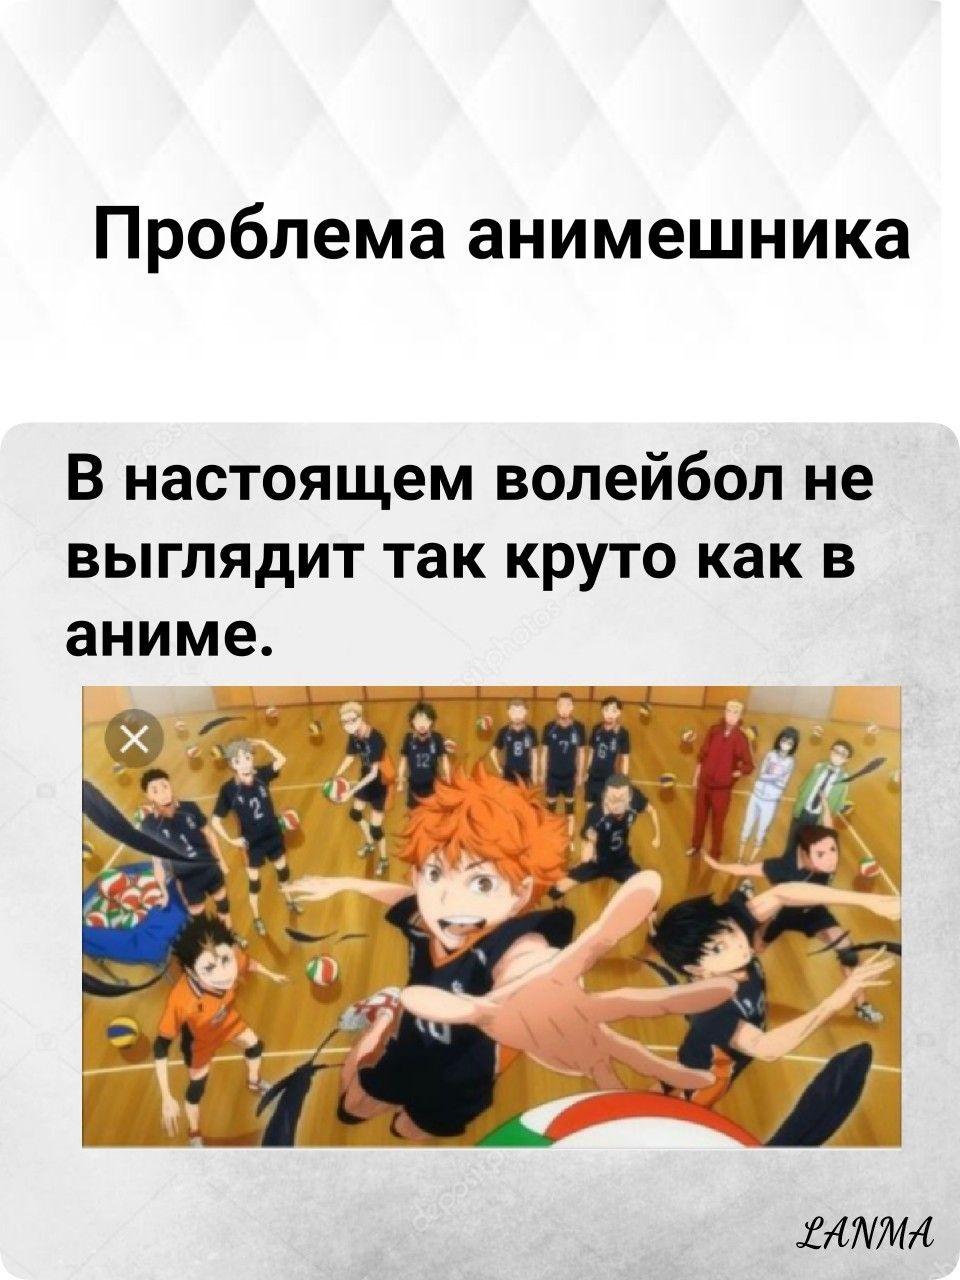 Прикольные аниме мемы волейбол 05